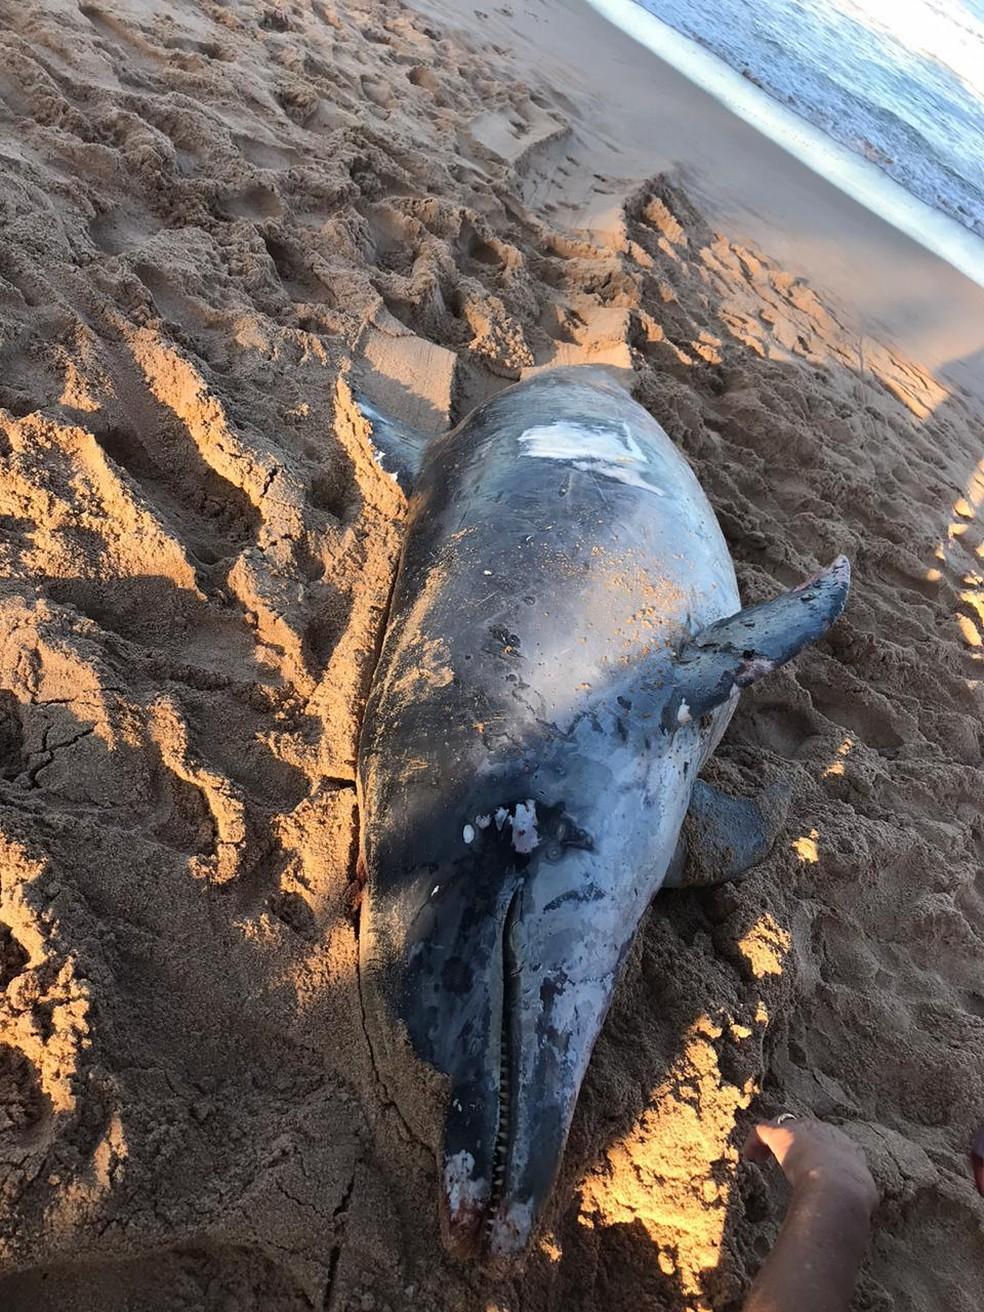 O golfinho estava sem a calda. A Prefeitura acredita que o animal tenha se enrolado em uma rede de pesca e consequentemente tendo a calda decepada — Foto: Prefeitura de Búzios.